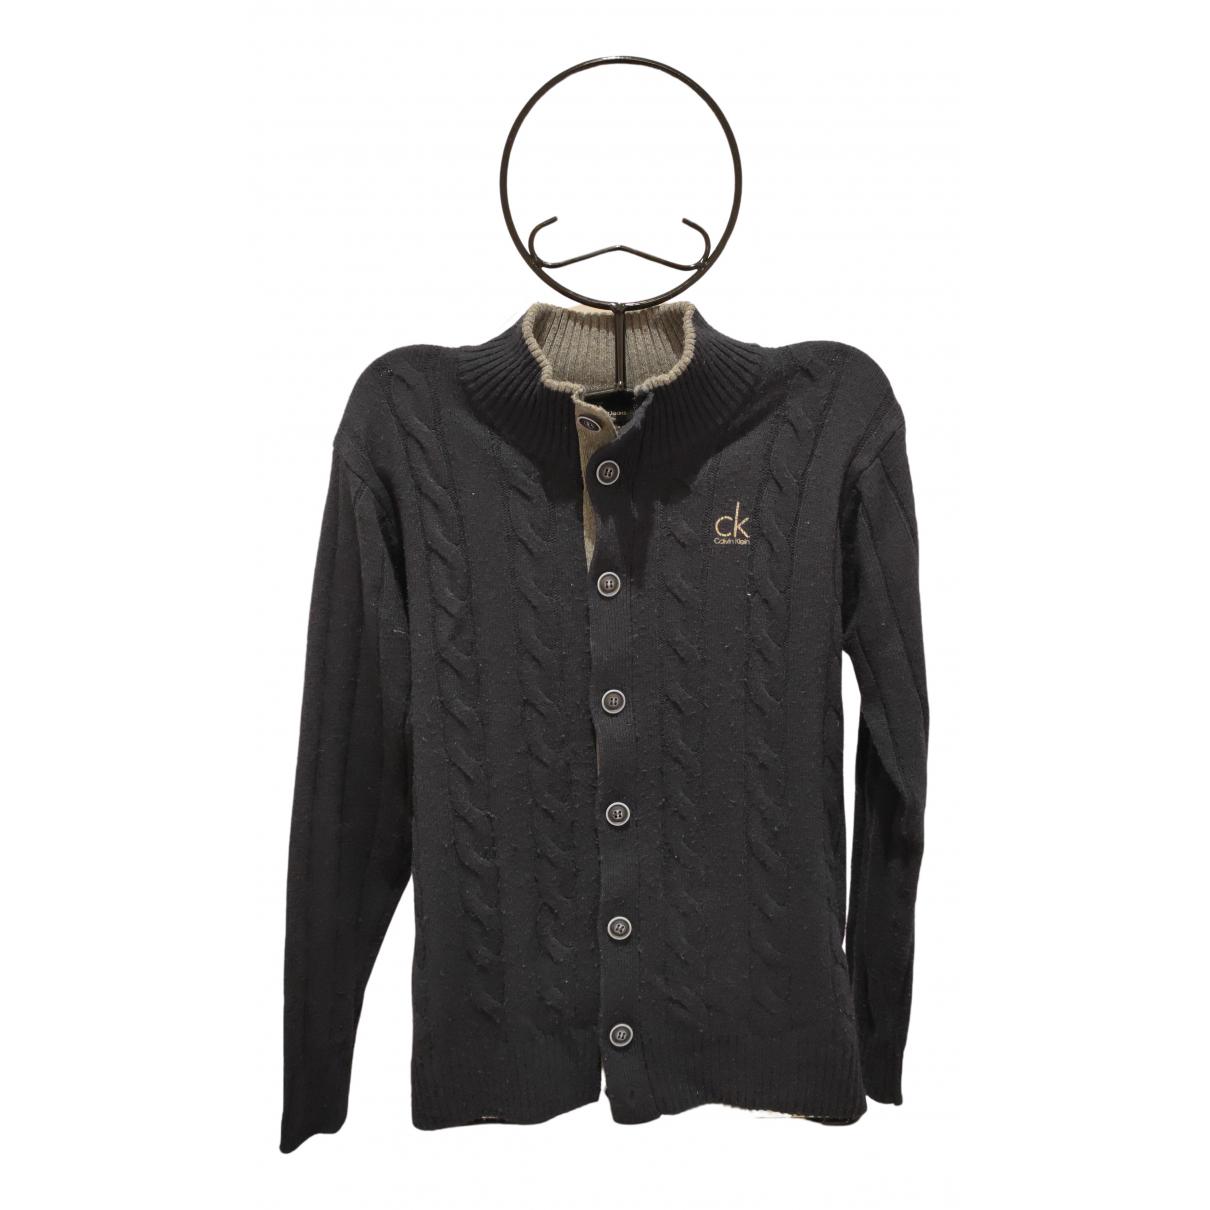 Calvin Klein - Pulls.Gilets.Sweats   pour homme en laine - marine